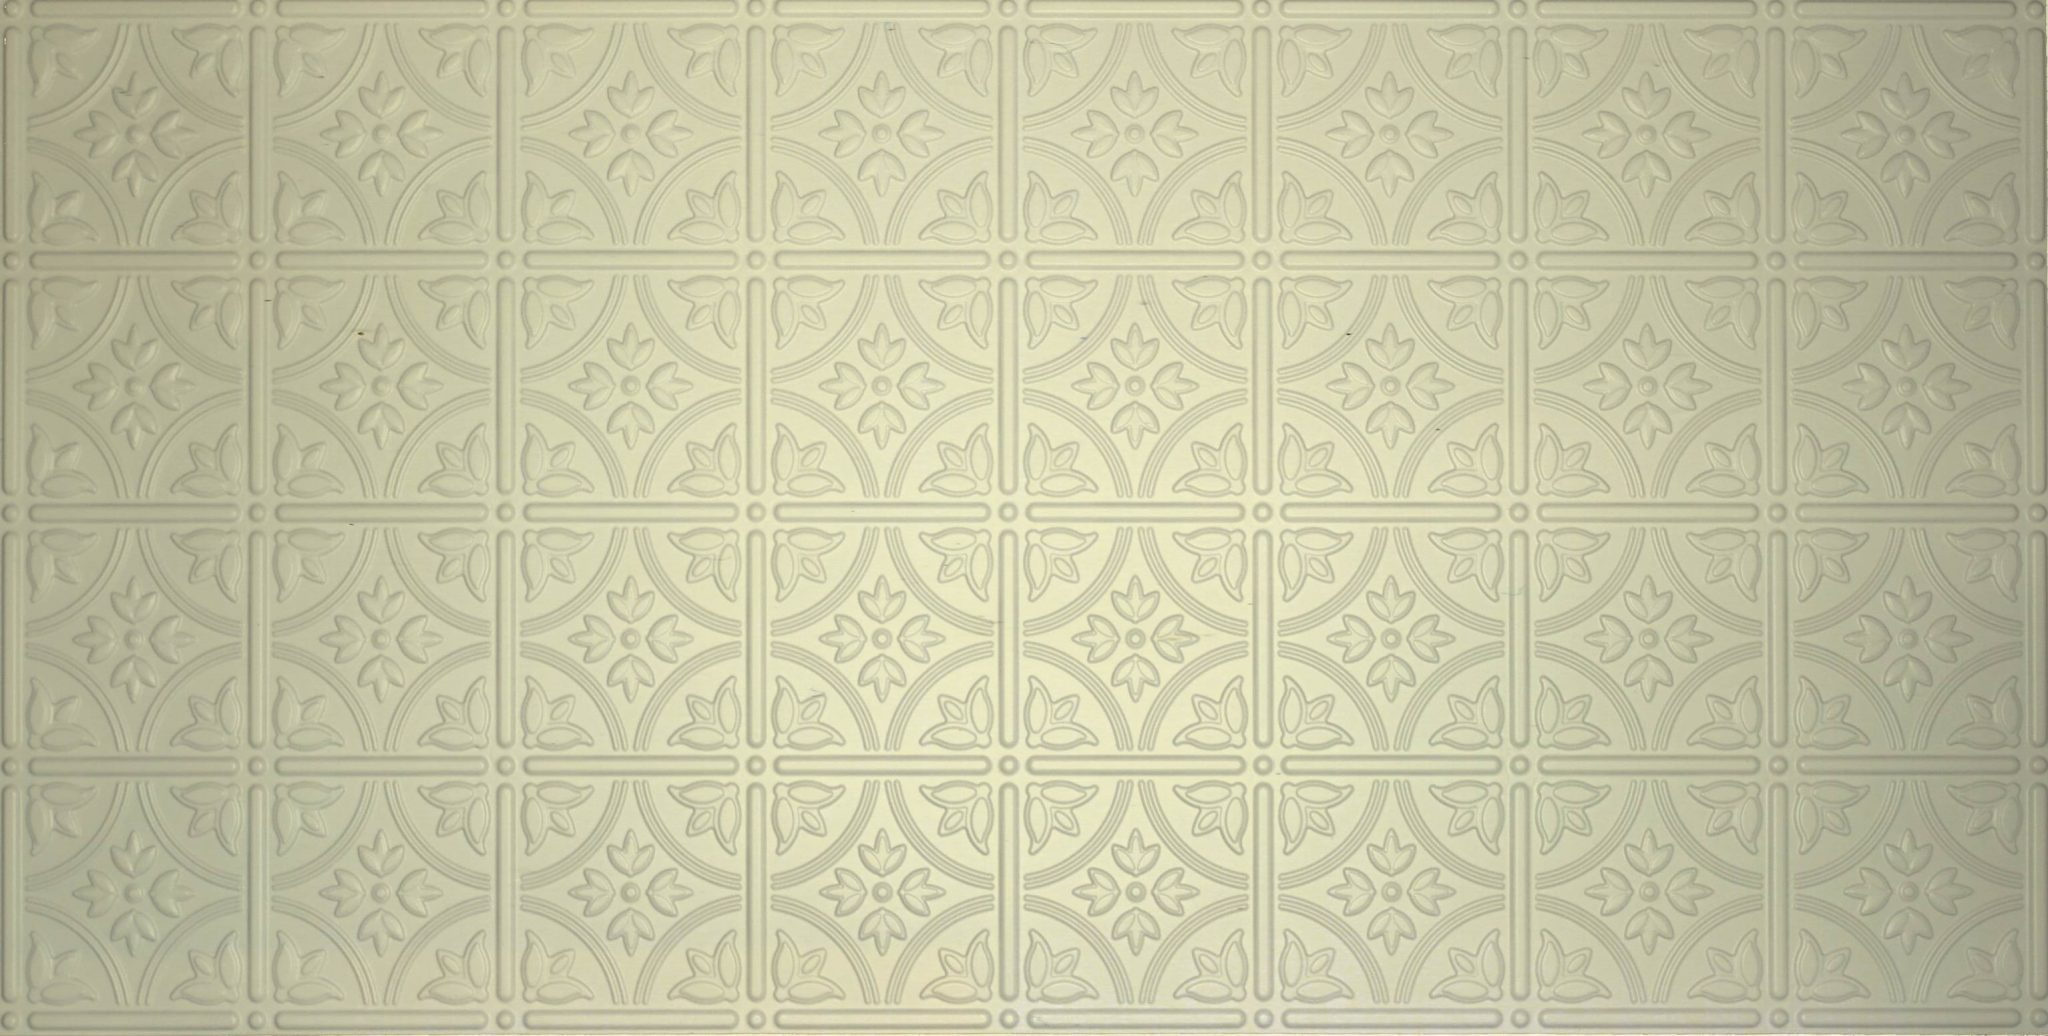 White faux tin ceiling tiles